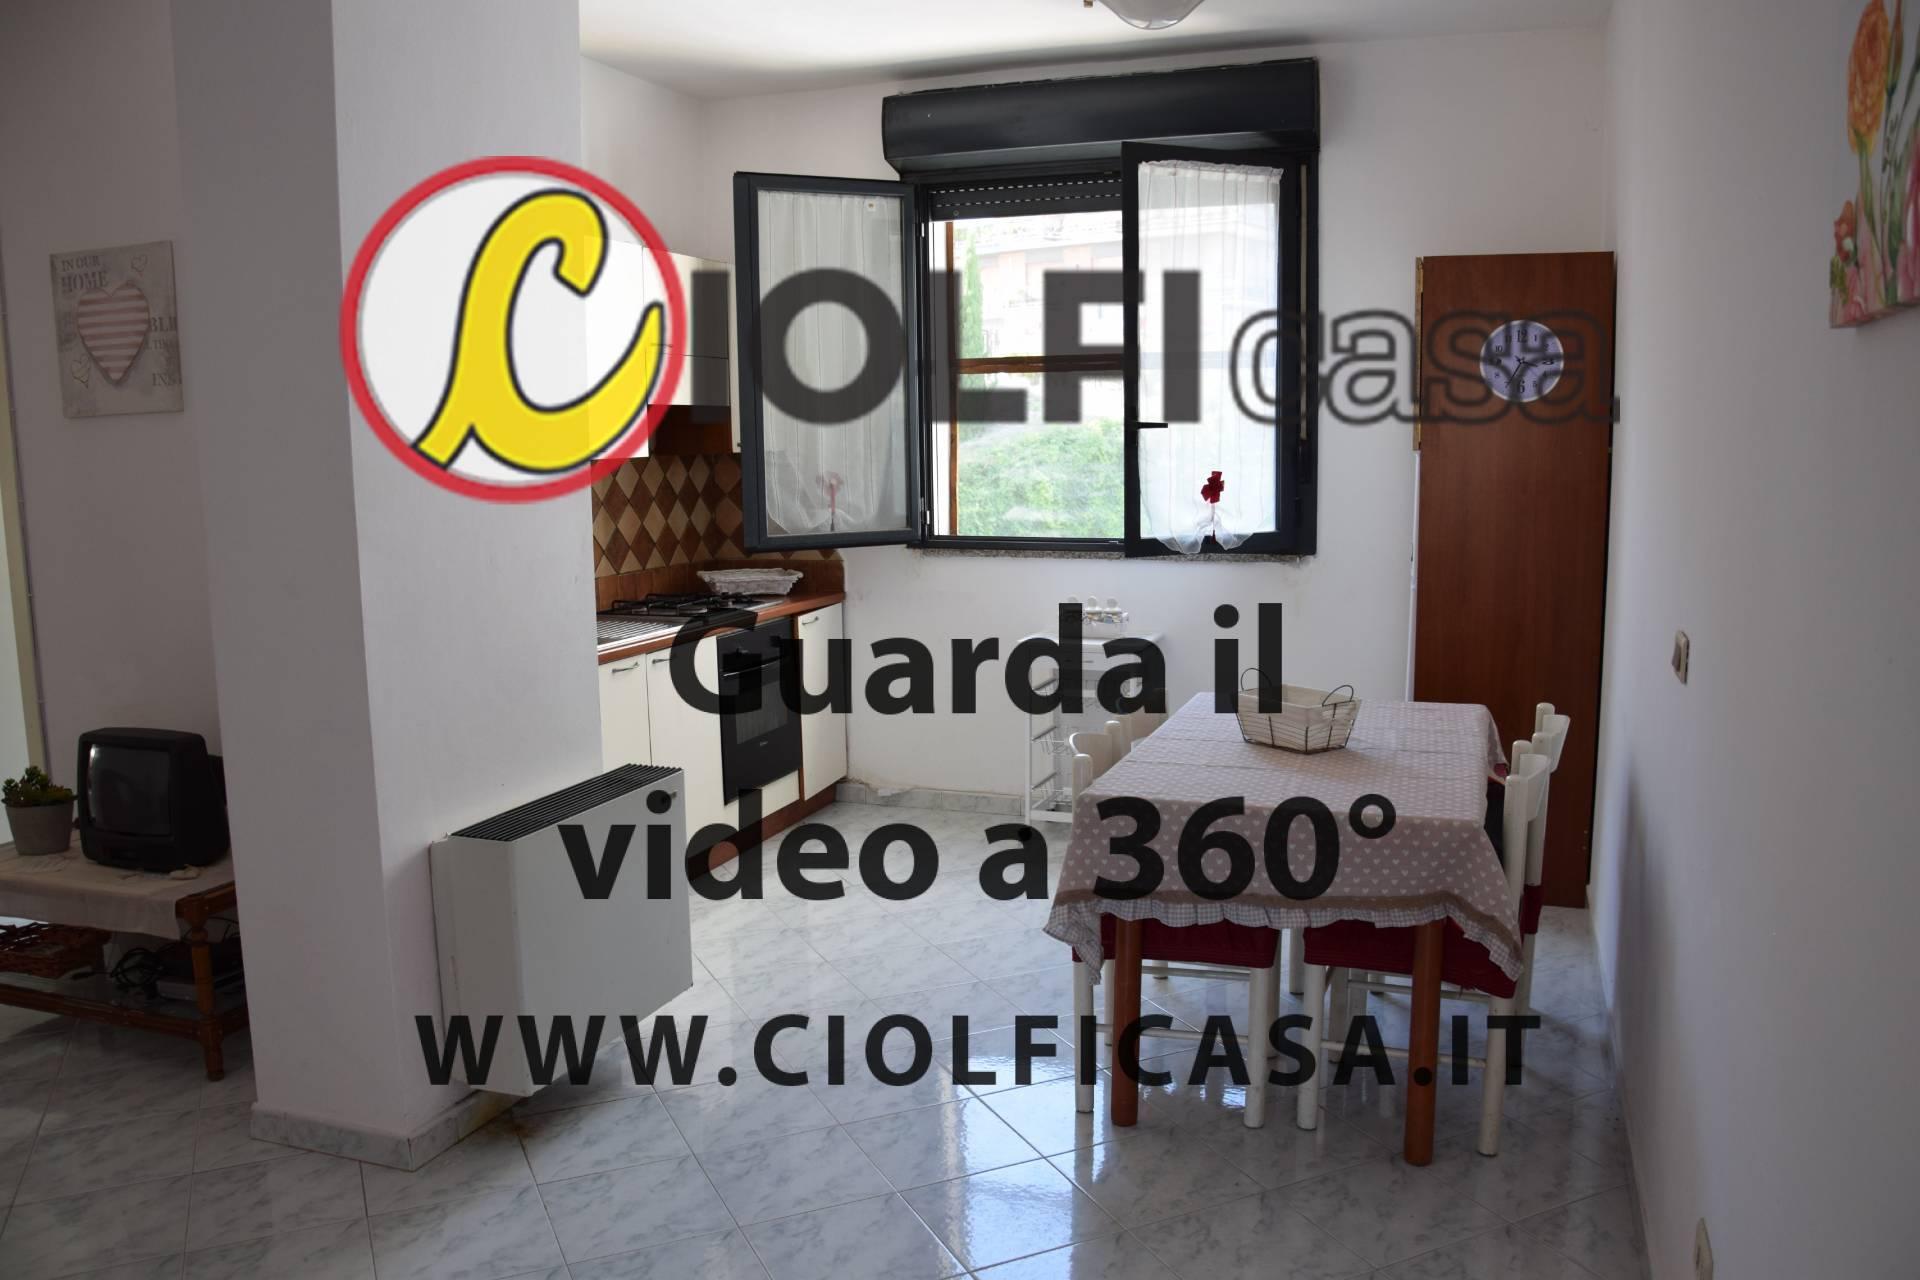 Appartamento in affitto a Cassino, 3 locali, zona Località: Stazioneferroviaria, prezzo € 390 | CambioCasa.it